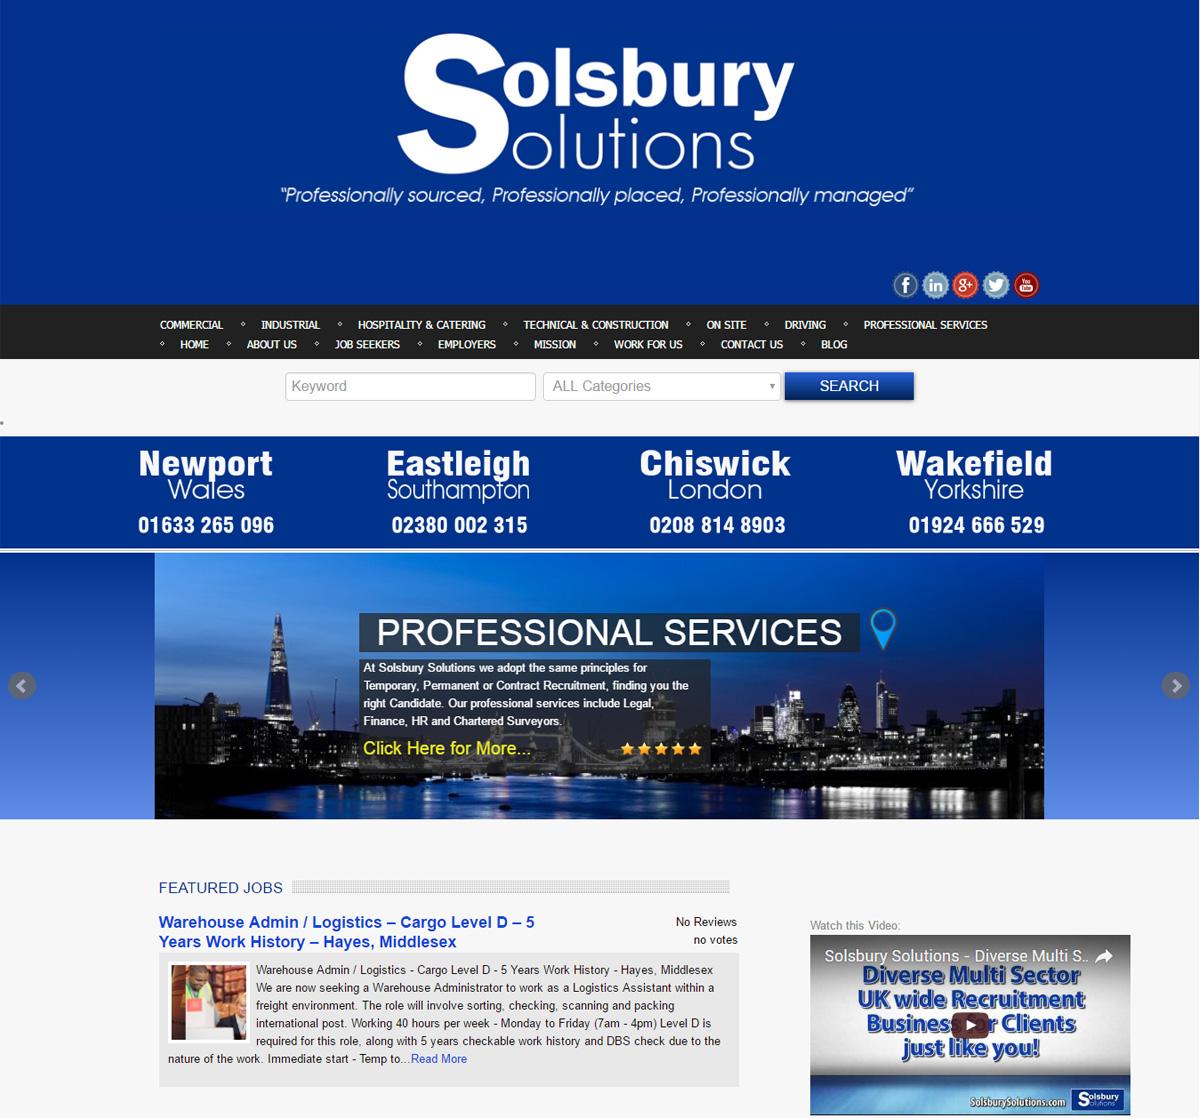 Solsbury Solutions